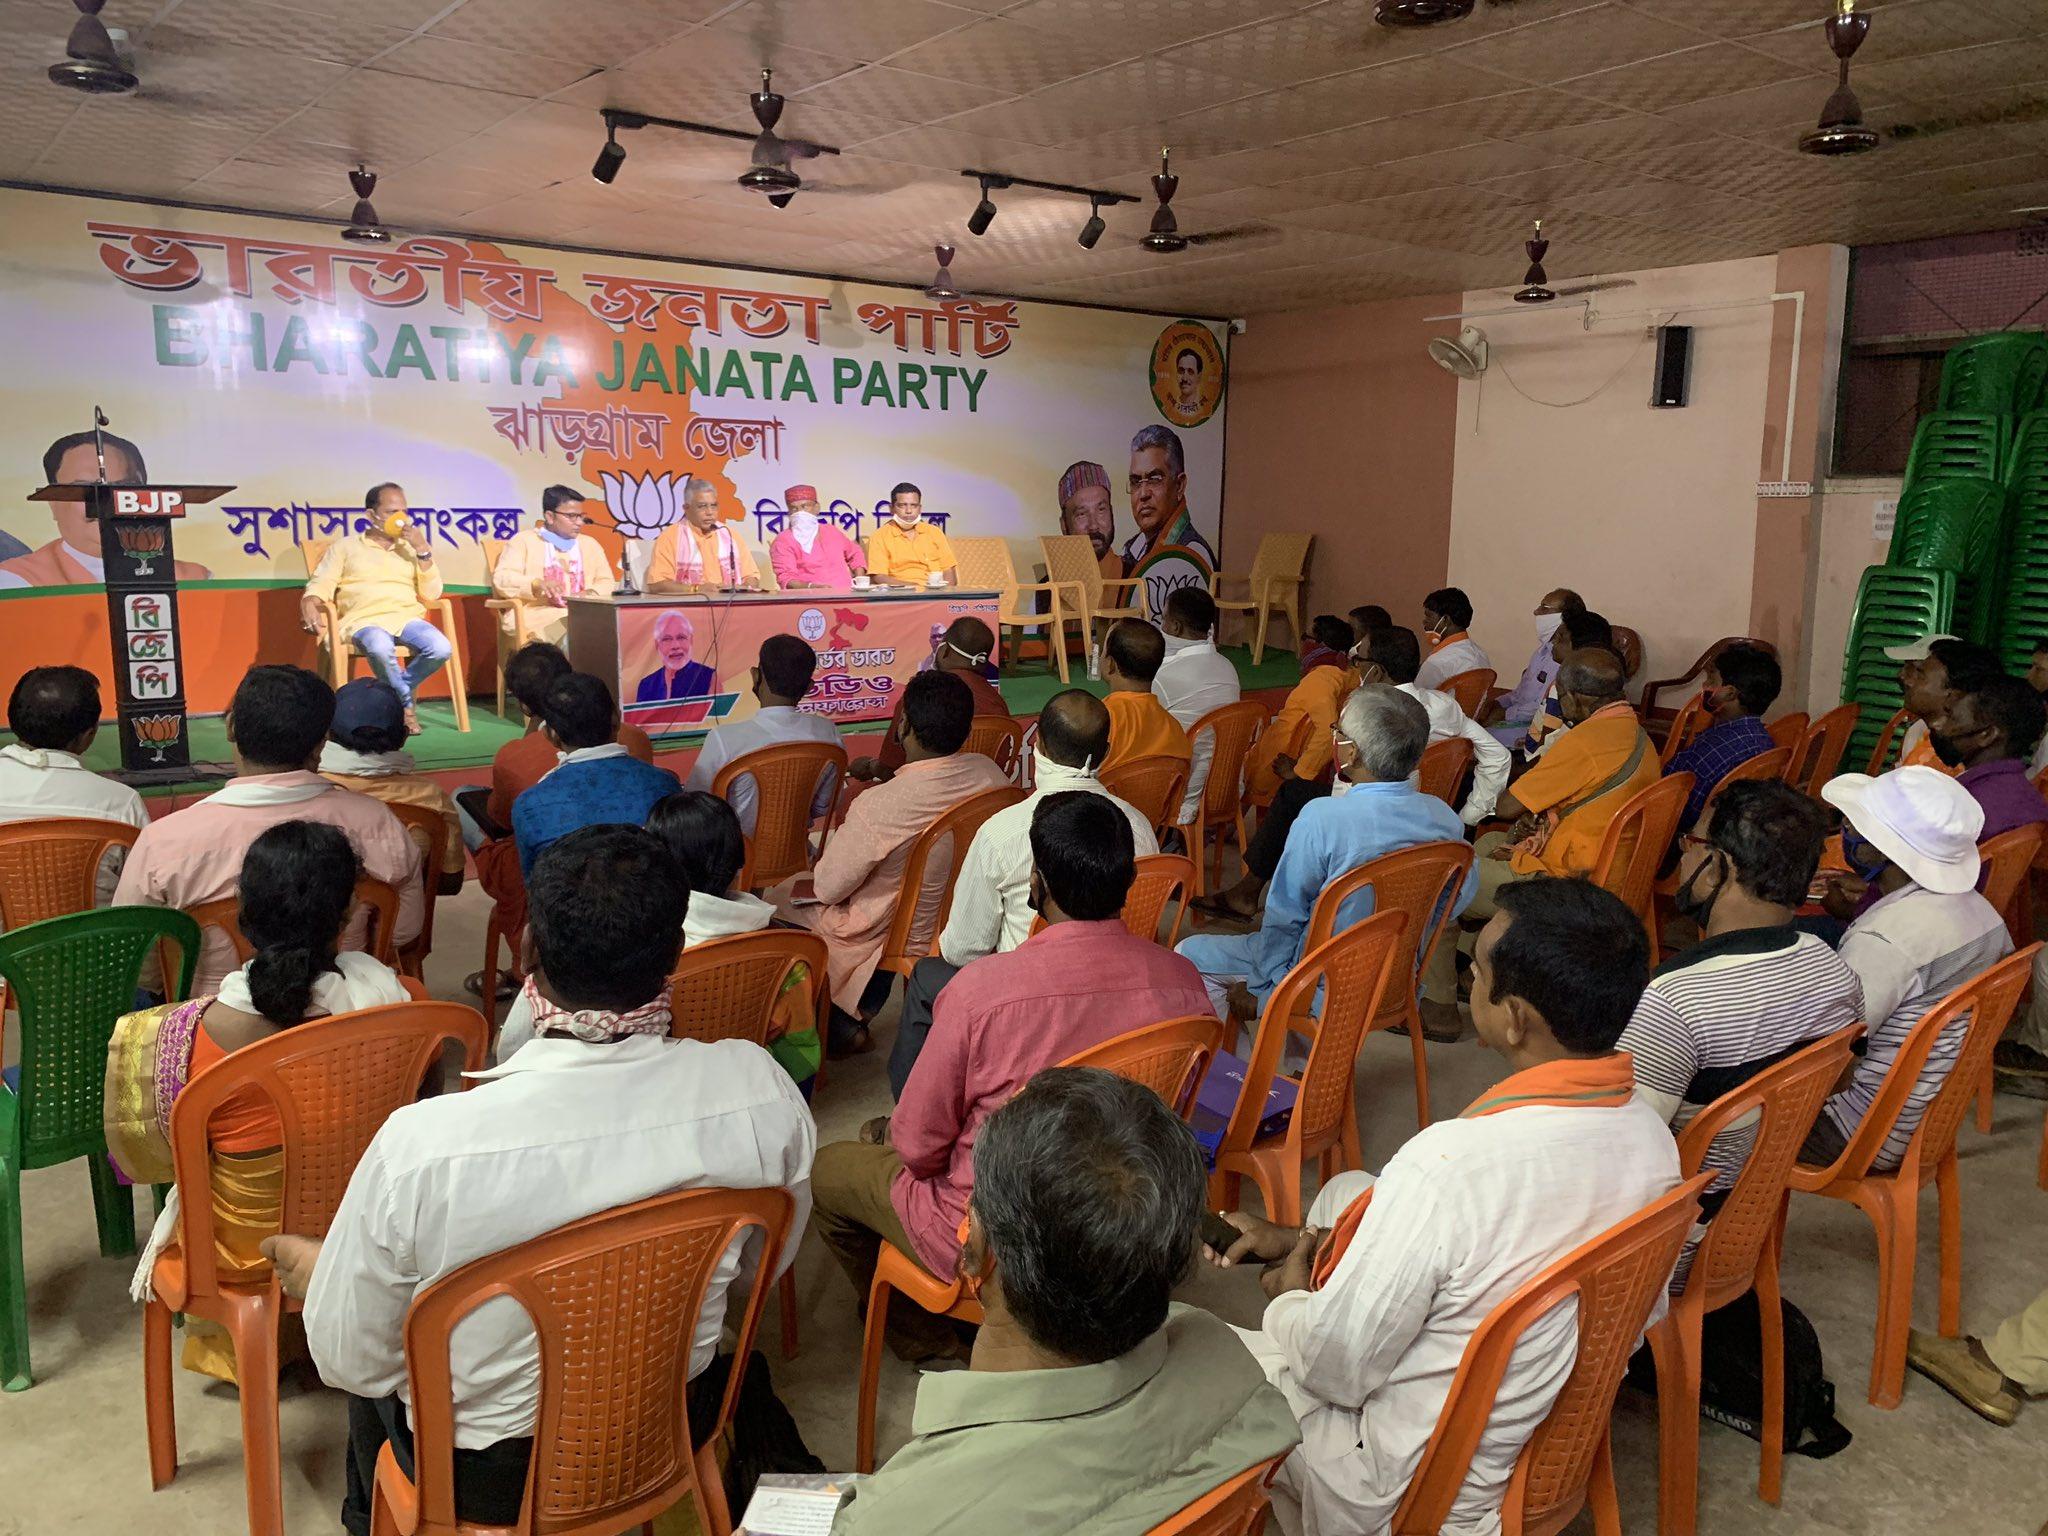 झारग्राम में कार्यकर्ताओं के साथ बैठक करते हुए भाजपा प्रदेश अध्यक्ष दिलीप घोष। भाजपा का आरोप है कि ममत बनर्जी केंद्र सरकार की योजनाओं को यहां लागू नहीं कर रहीं हैं।